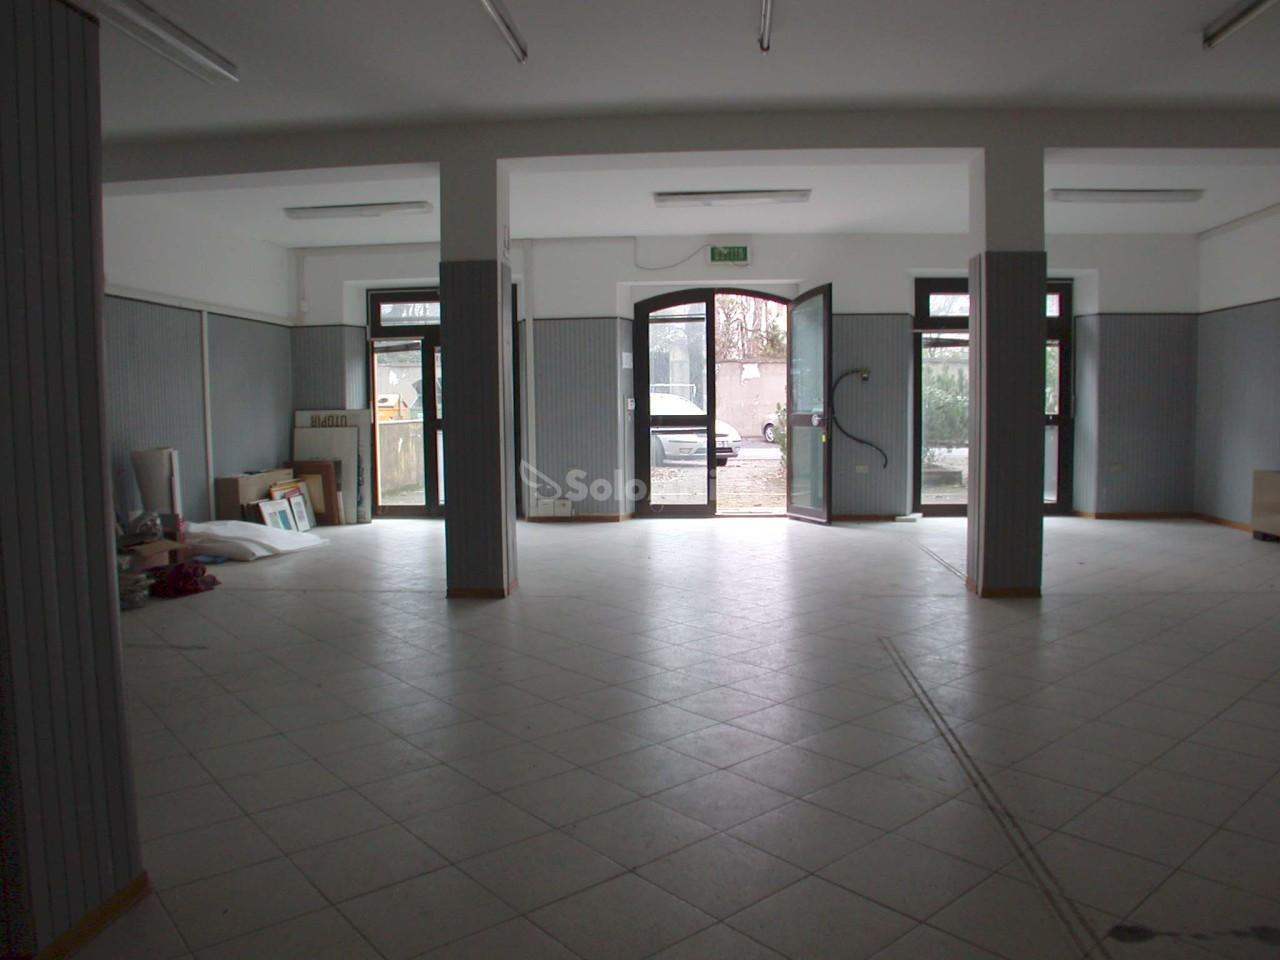 Fondo/negozio - 3 vetrine/luci a Don Gentili - Passeggi, Fano